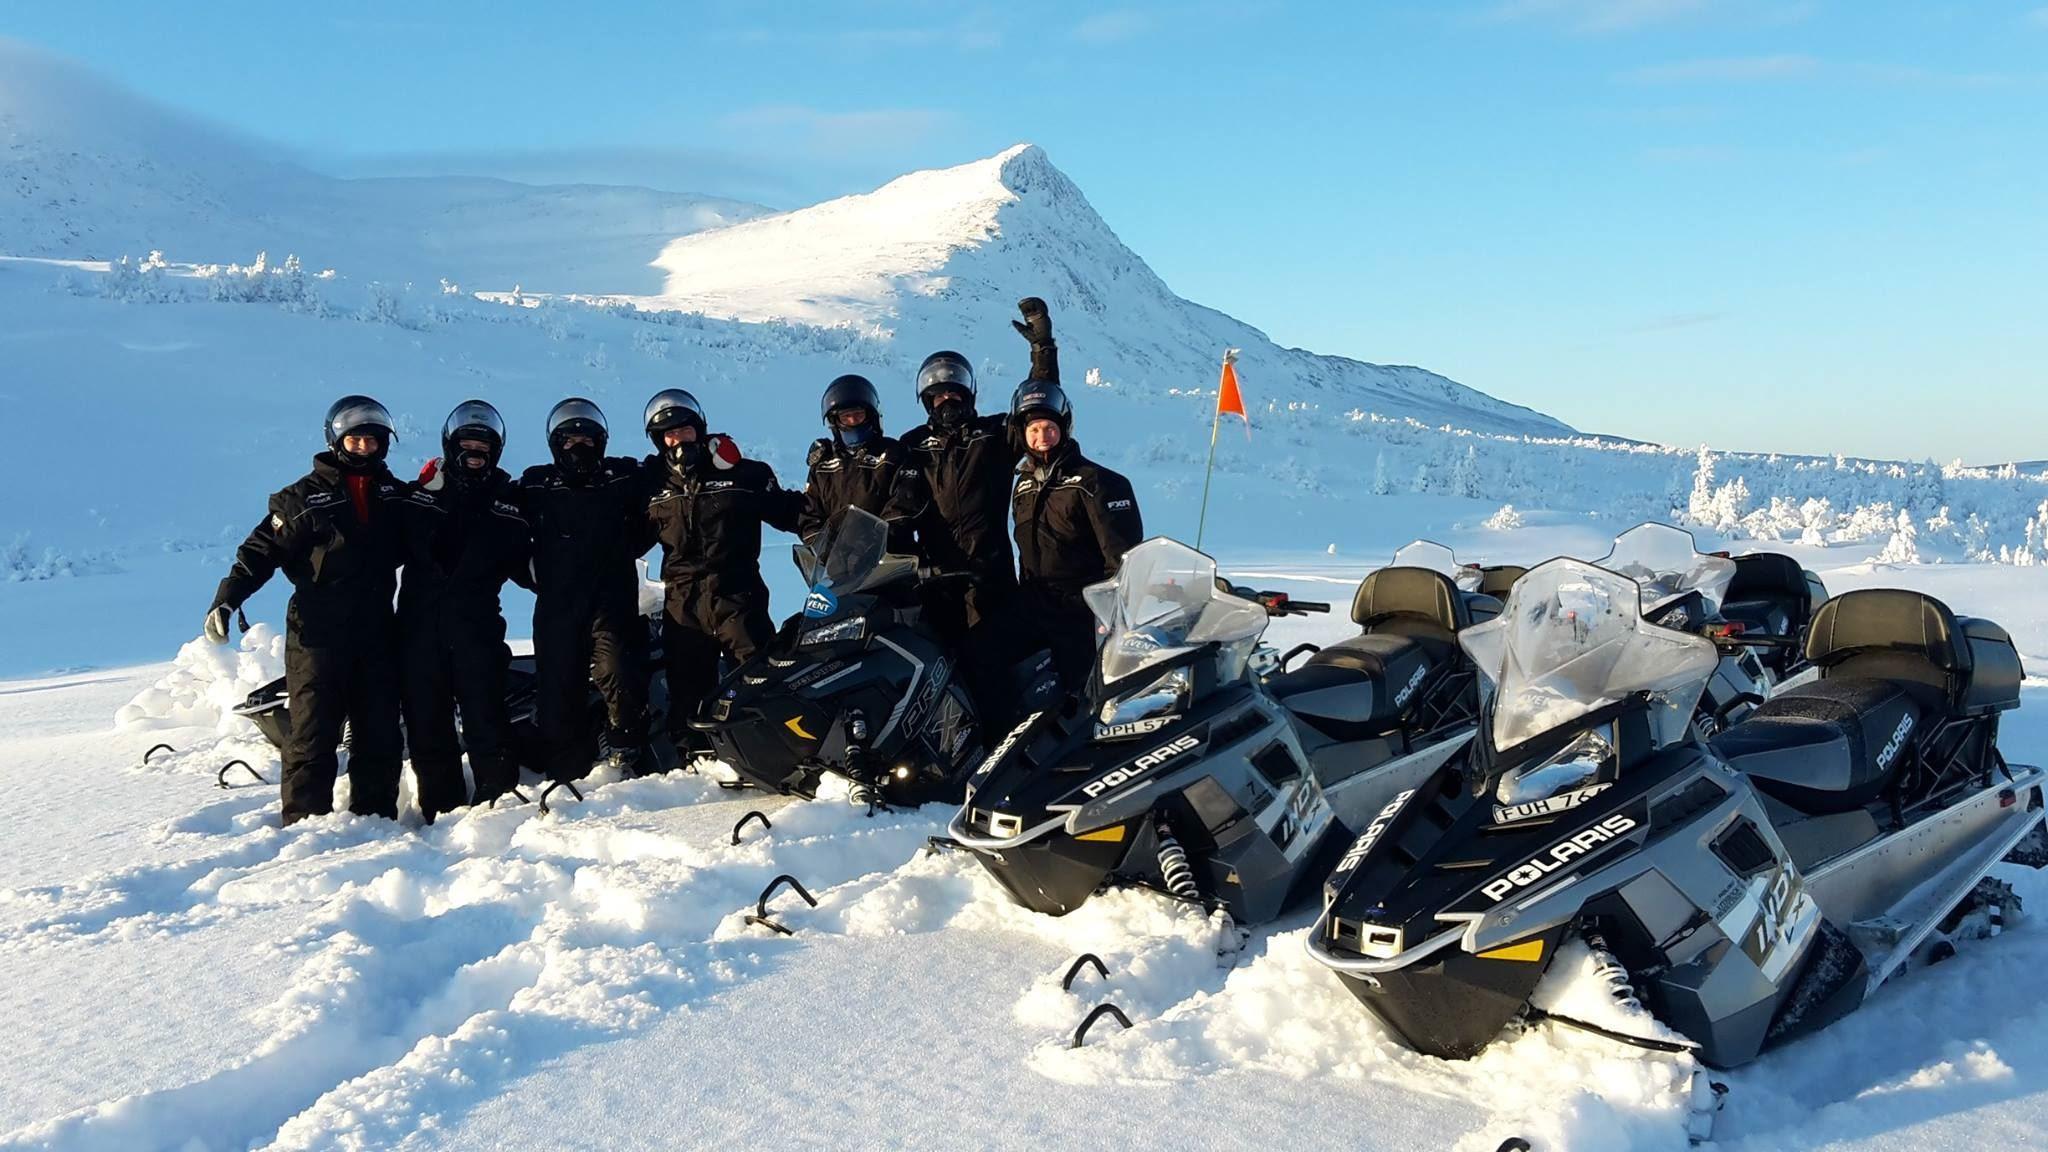 Midland Scandinavia, Gjeng på snøscootertur på fjellet